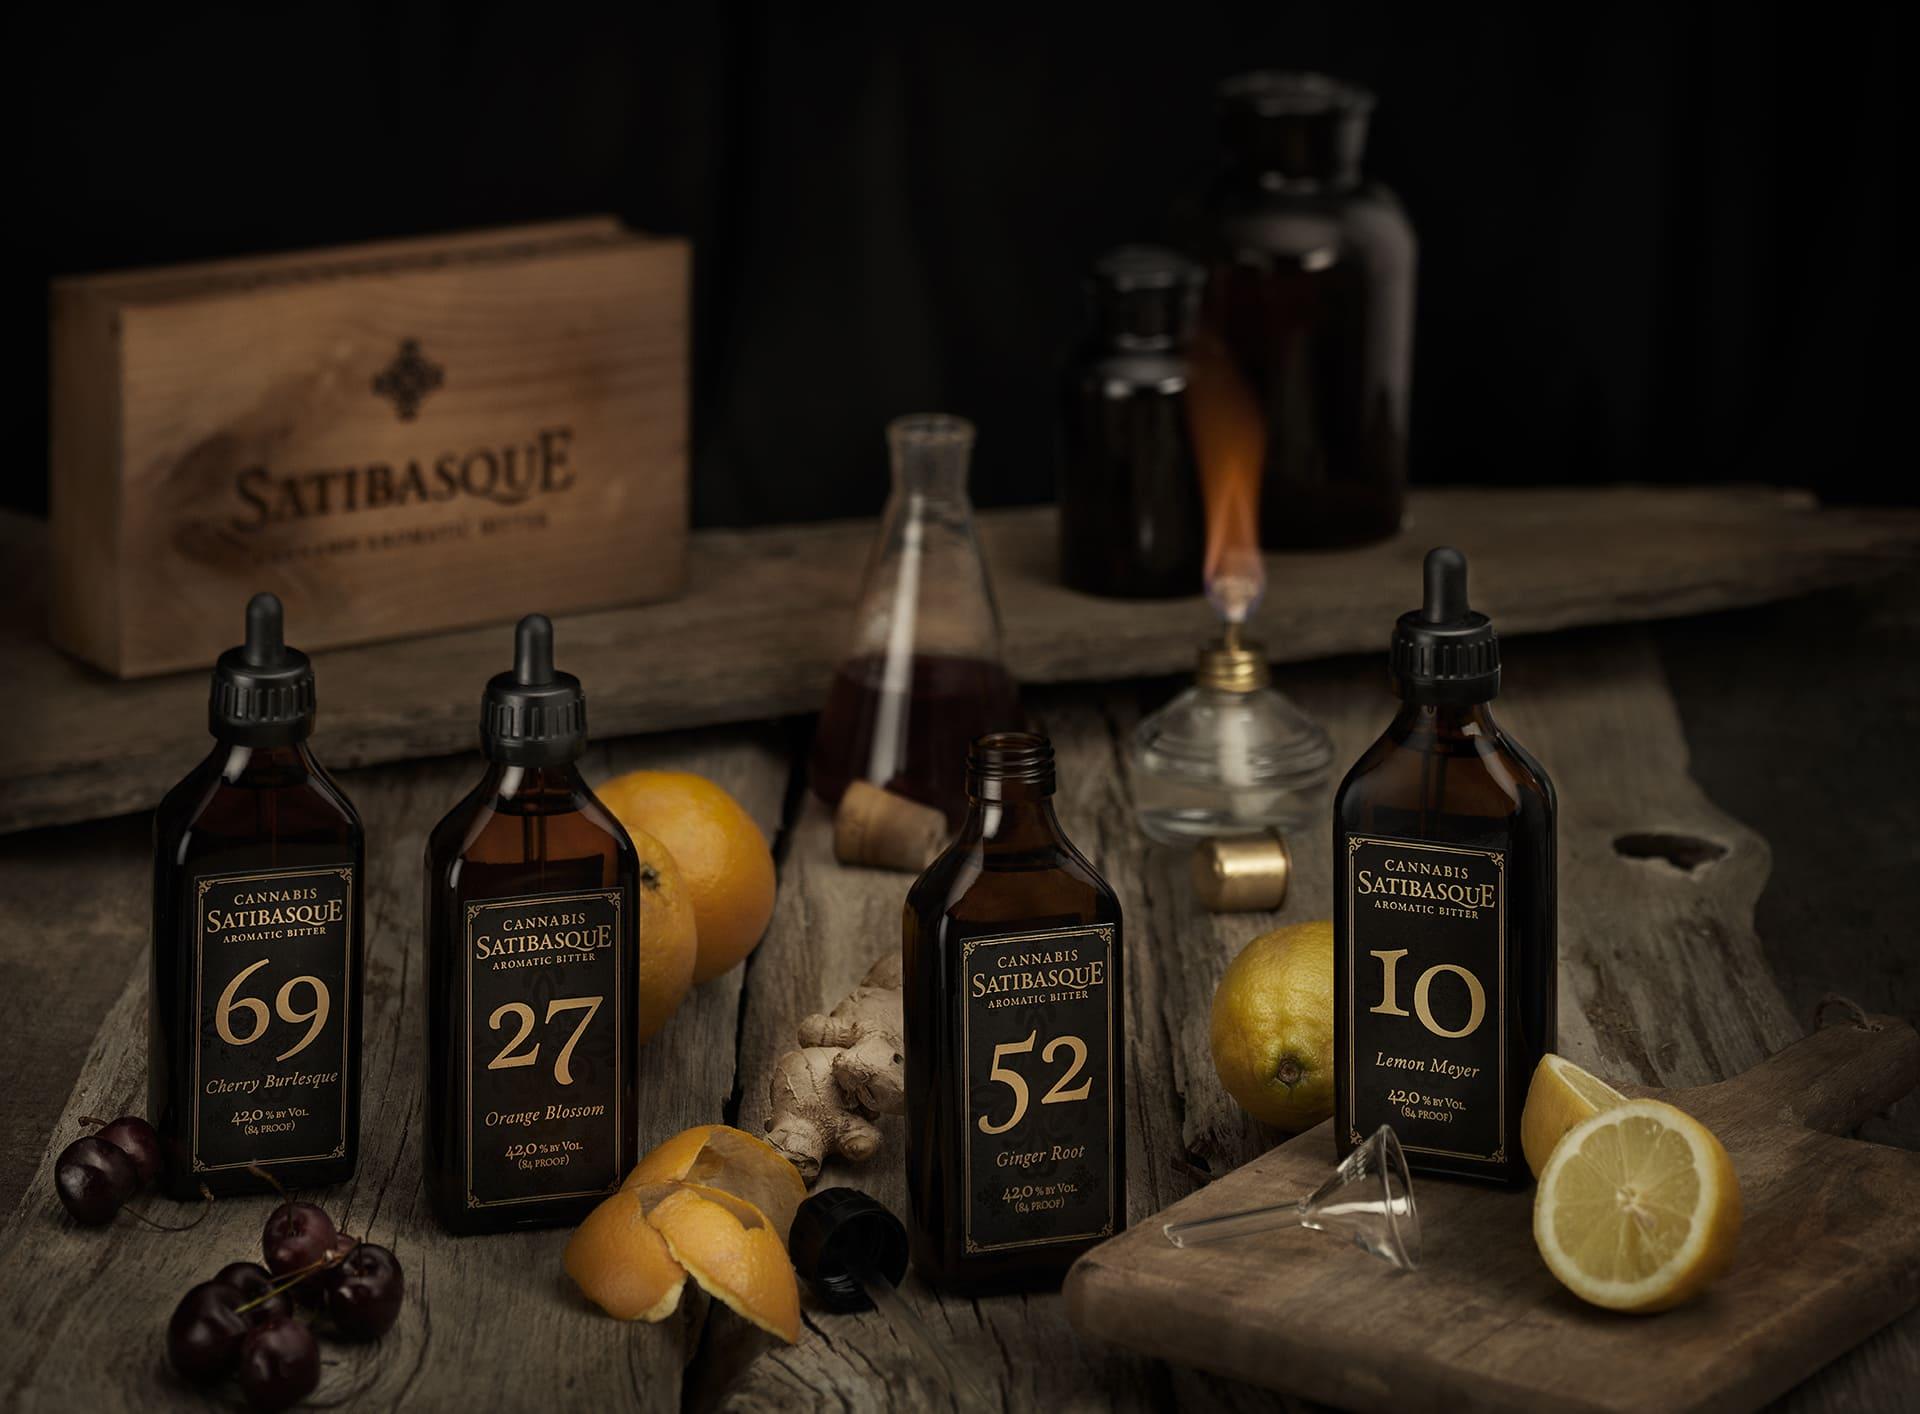 bitter aromatico satibasque gama completa